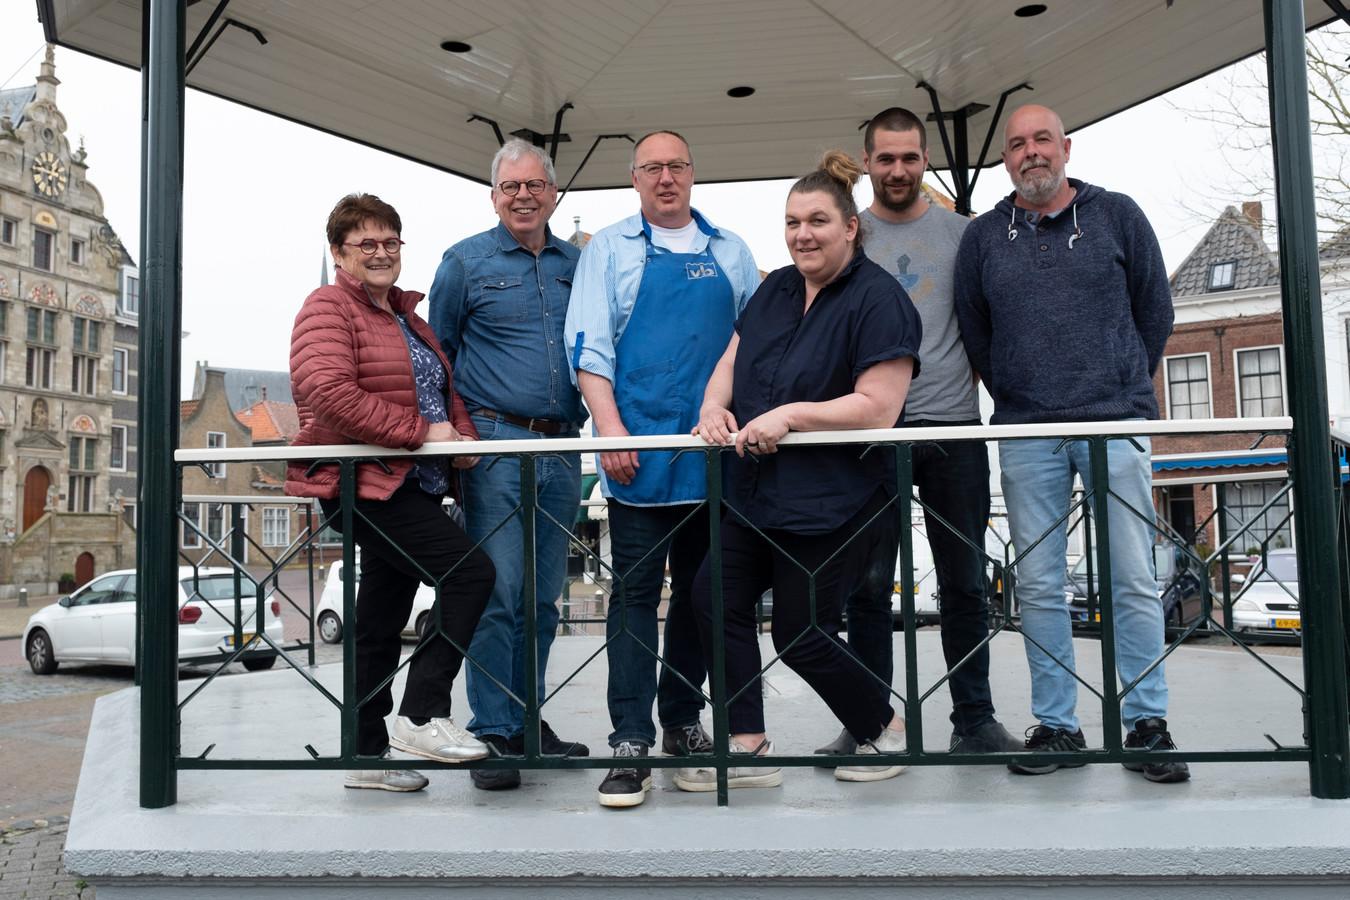 Vlnr : Anneke en Leo Bruel, Johan van Beveren, Antoinette Laheij, Bart Glerum en Arjan Laheij houden van de levendigheid van de Markt in Brouwershaven.